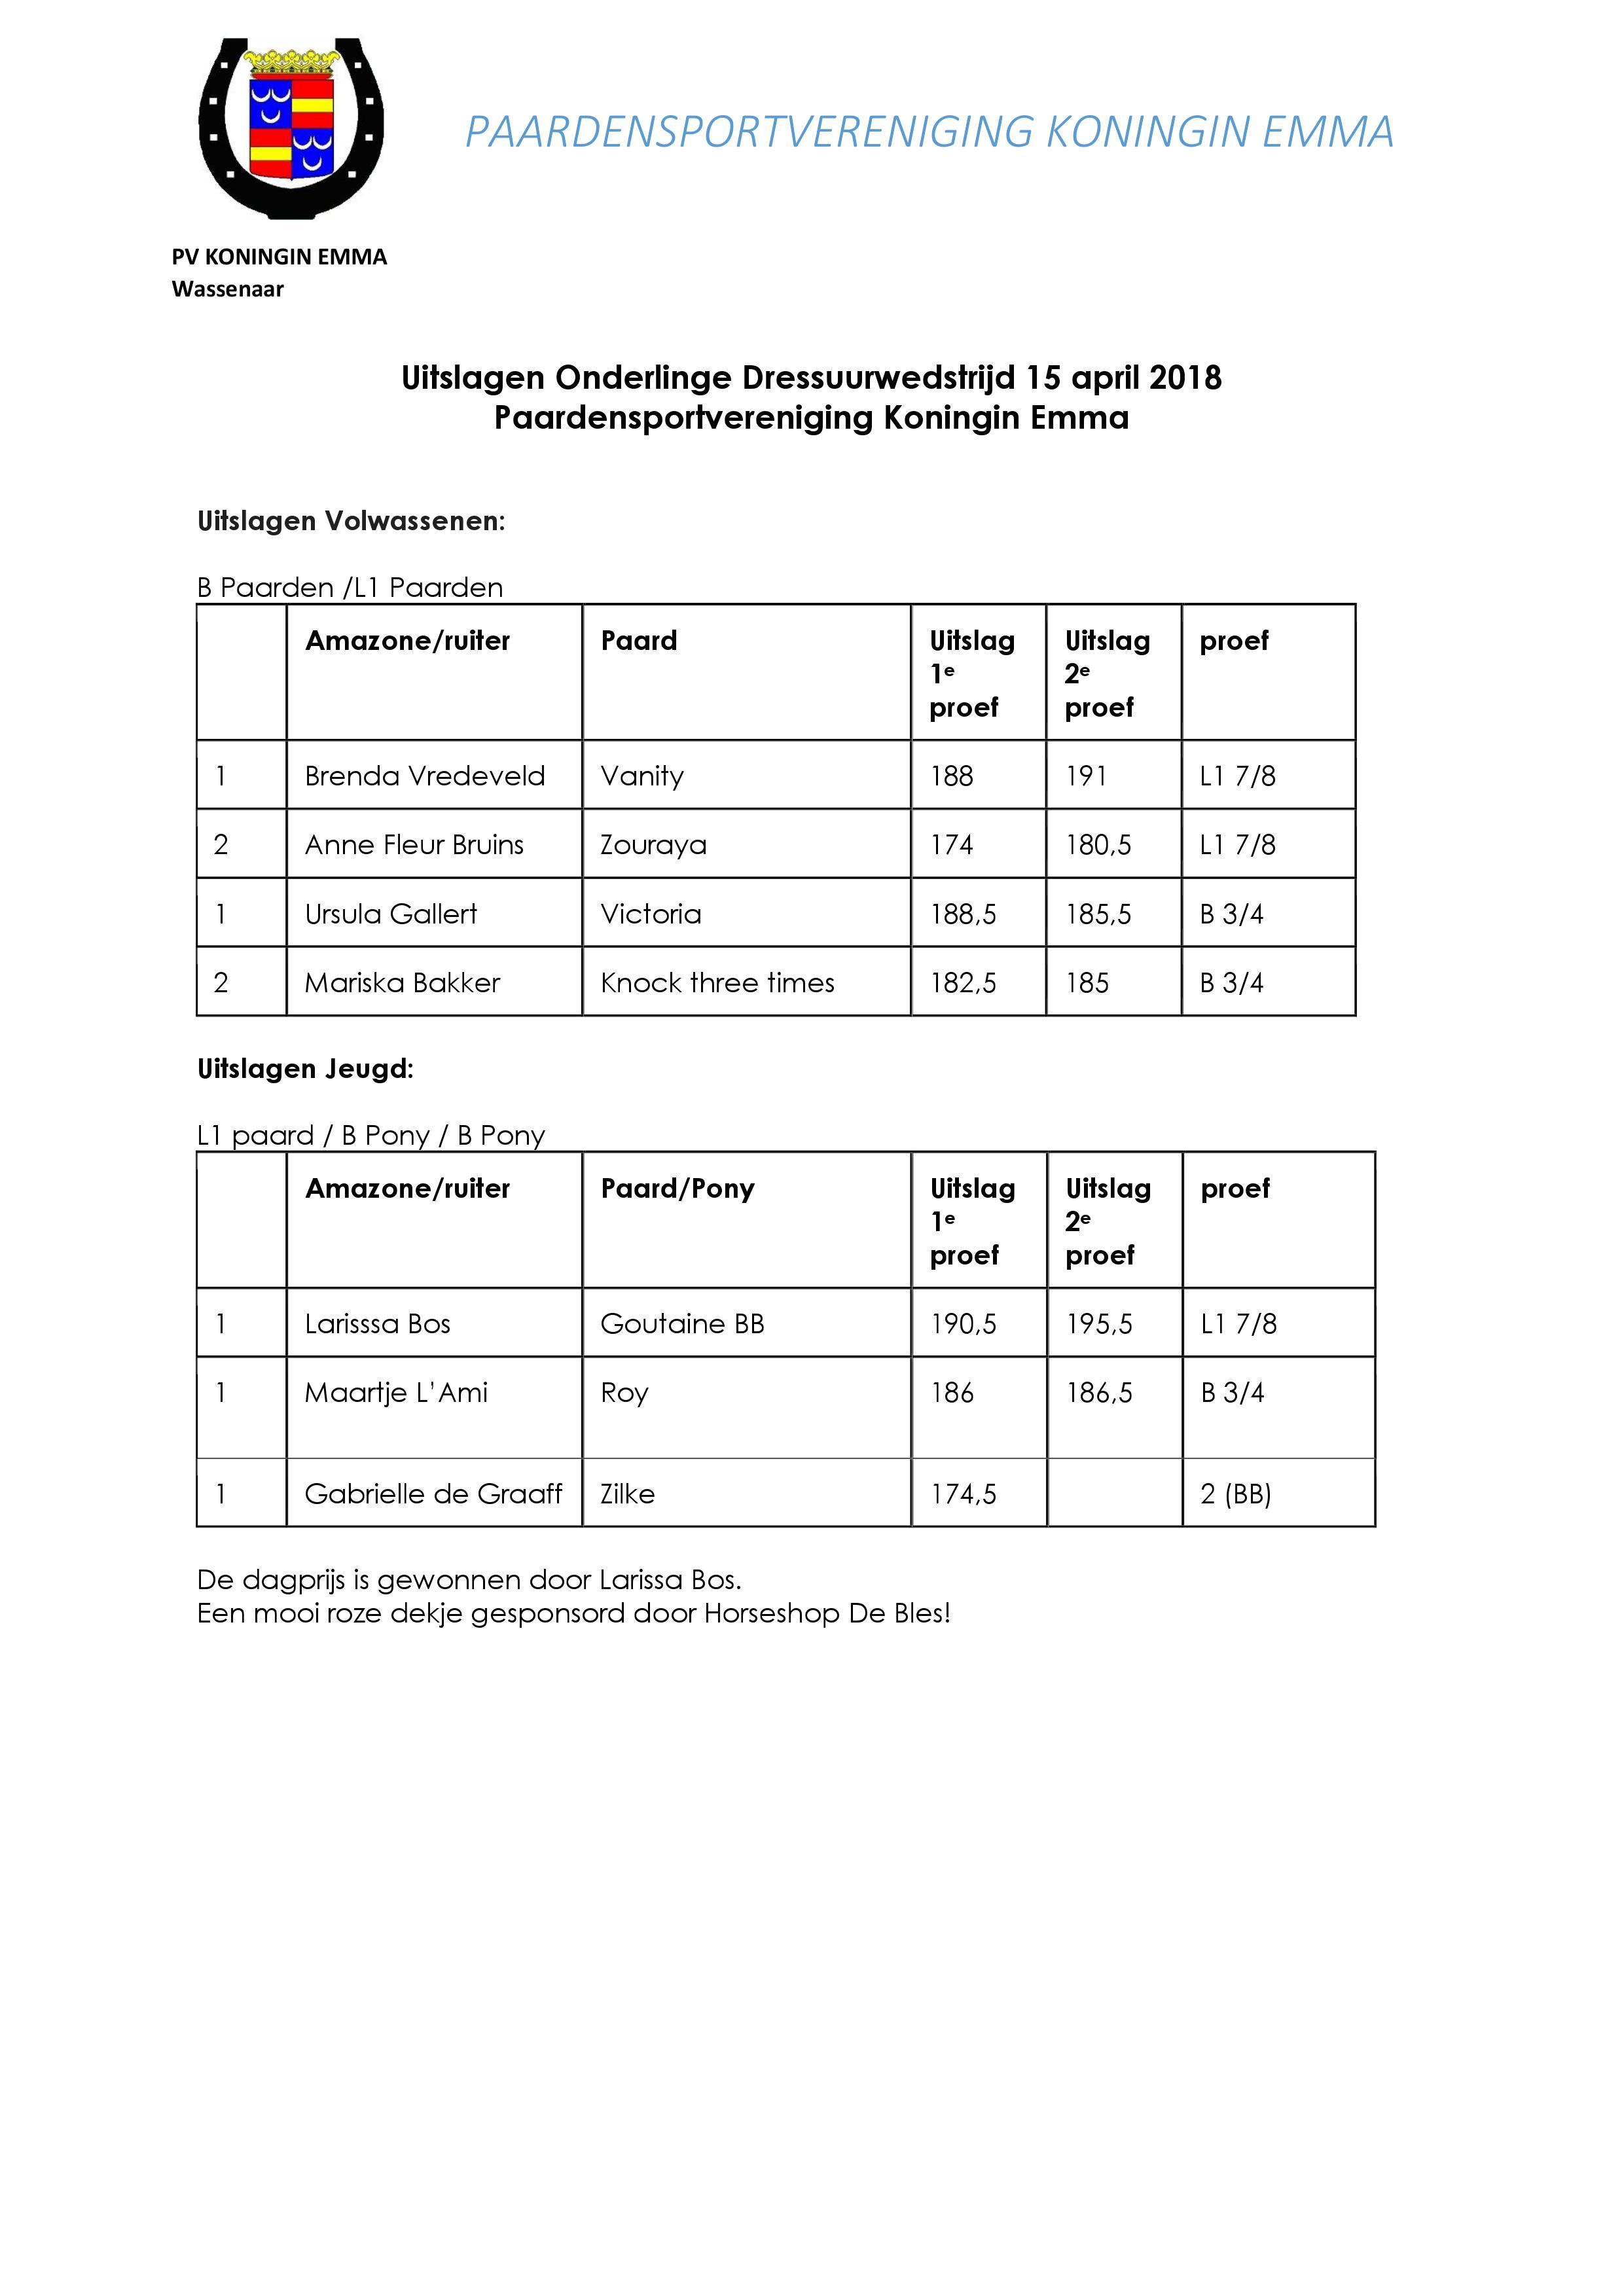 Uitslagen onderlinge dressuurwedstrijd 9 september